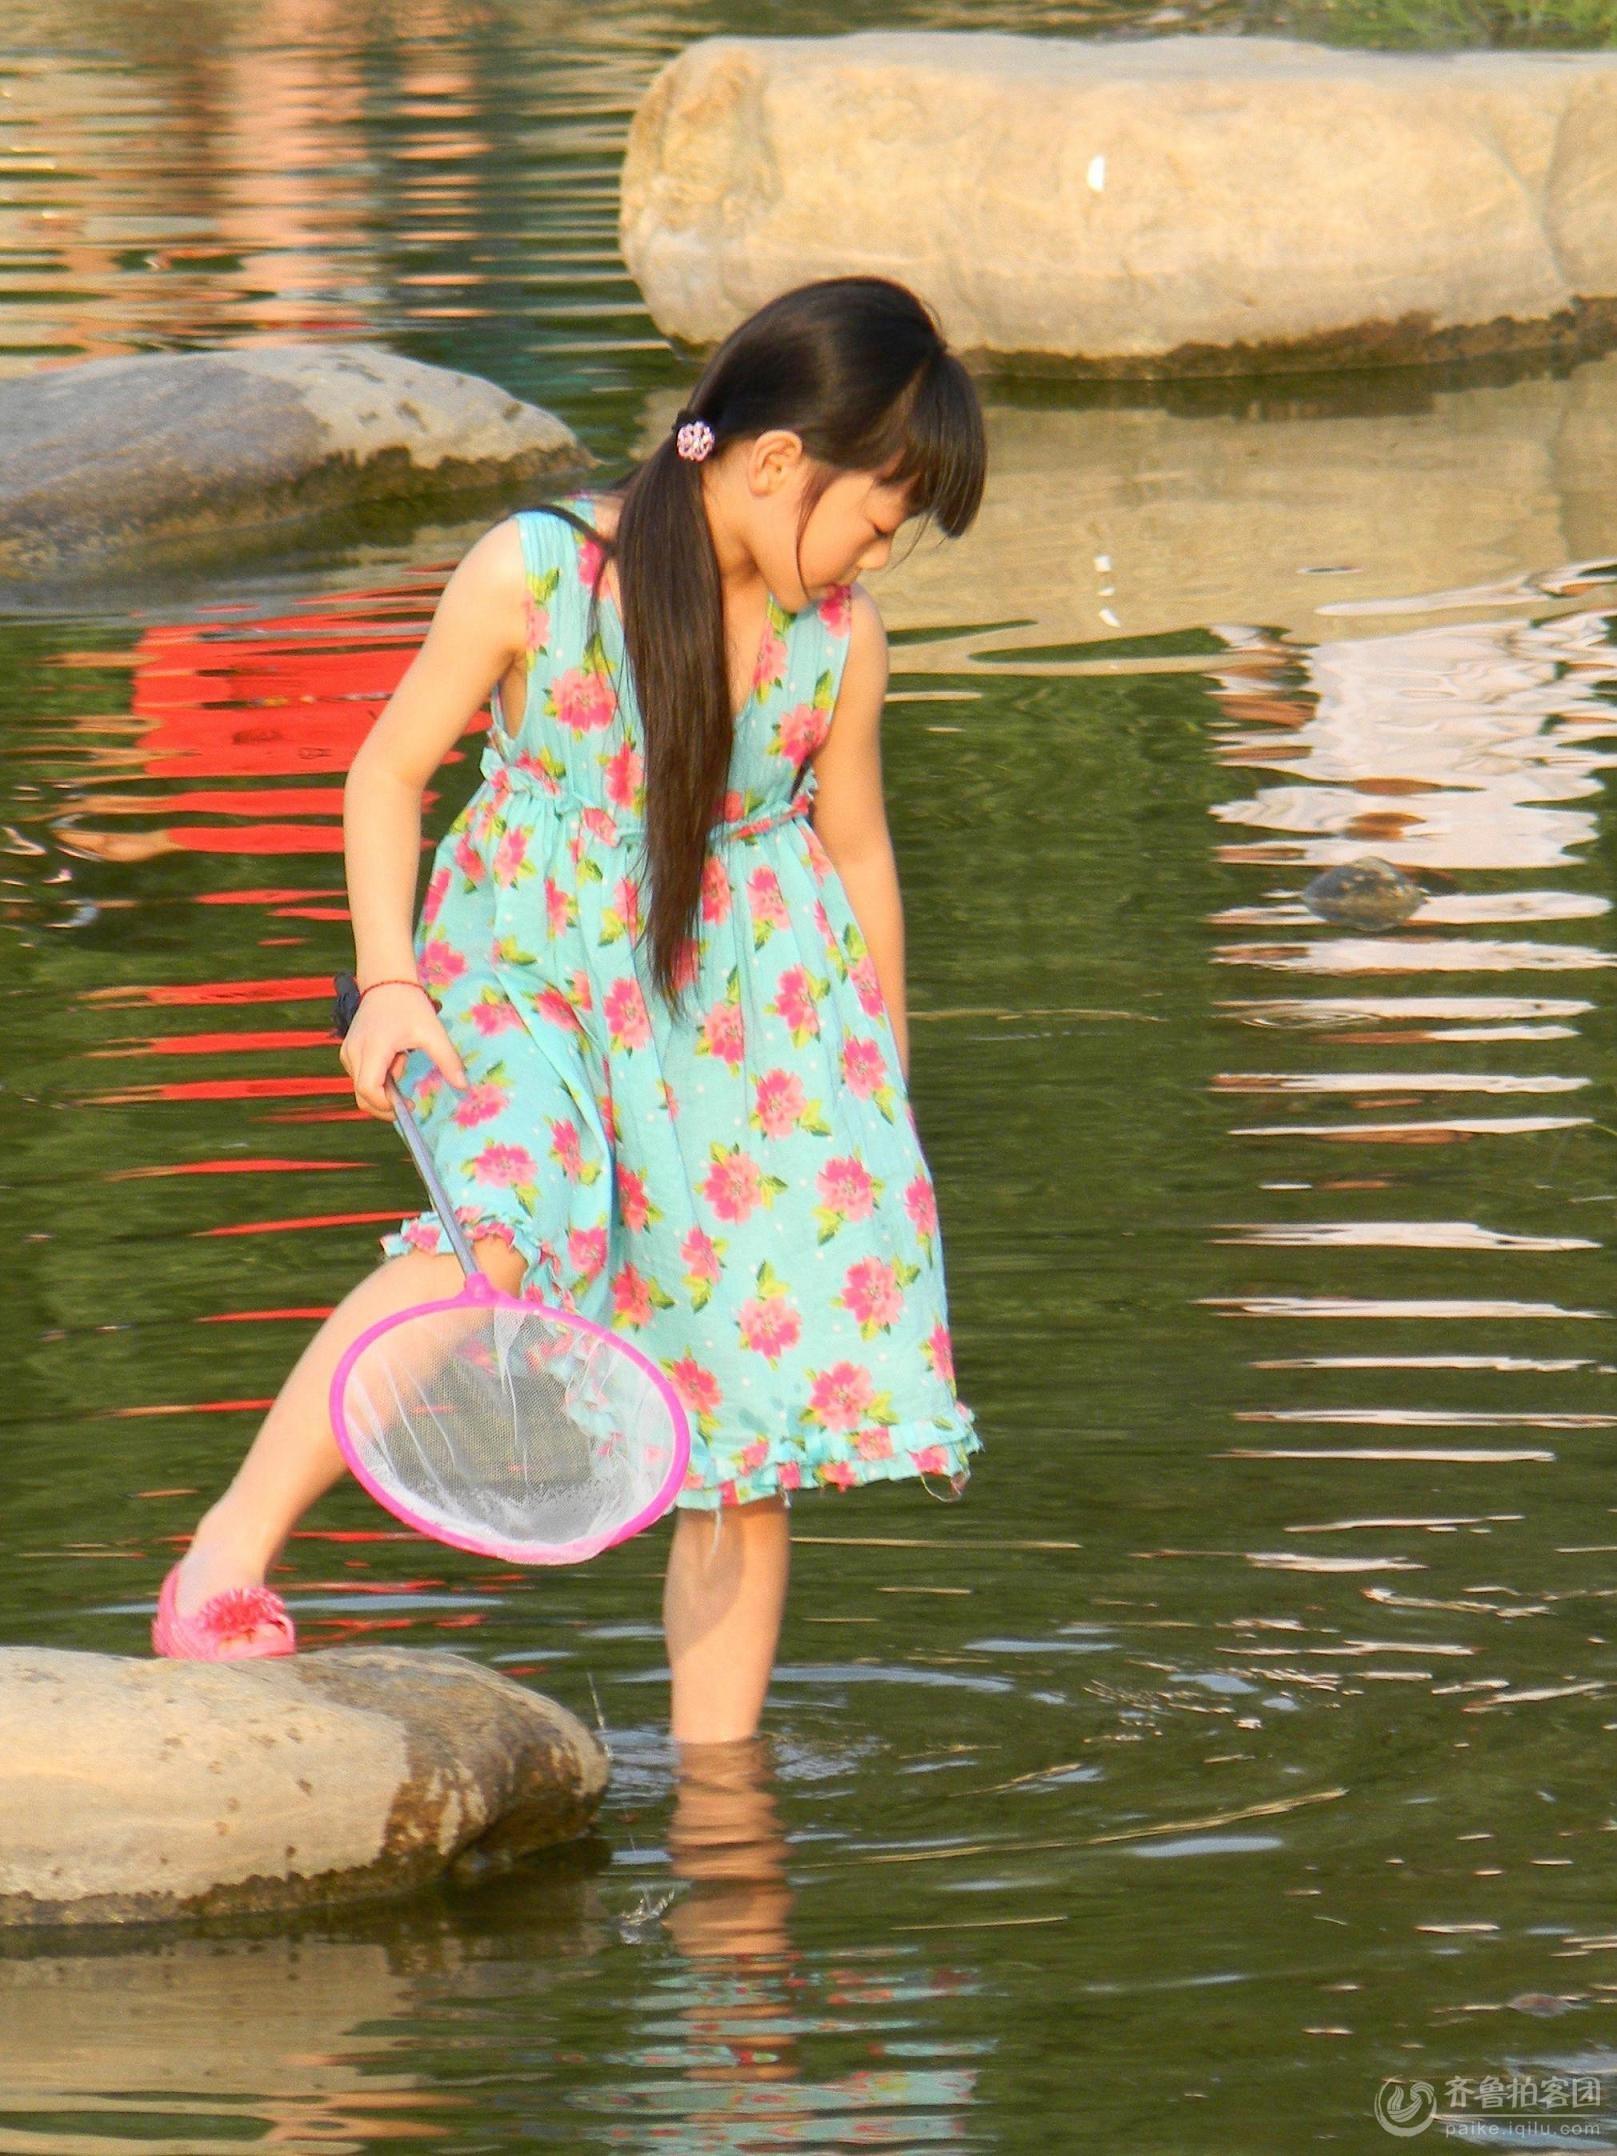 还有什么比玩水更让小孩子凉快的事情呢.